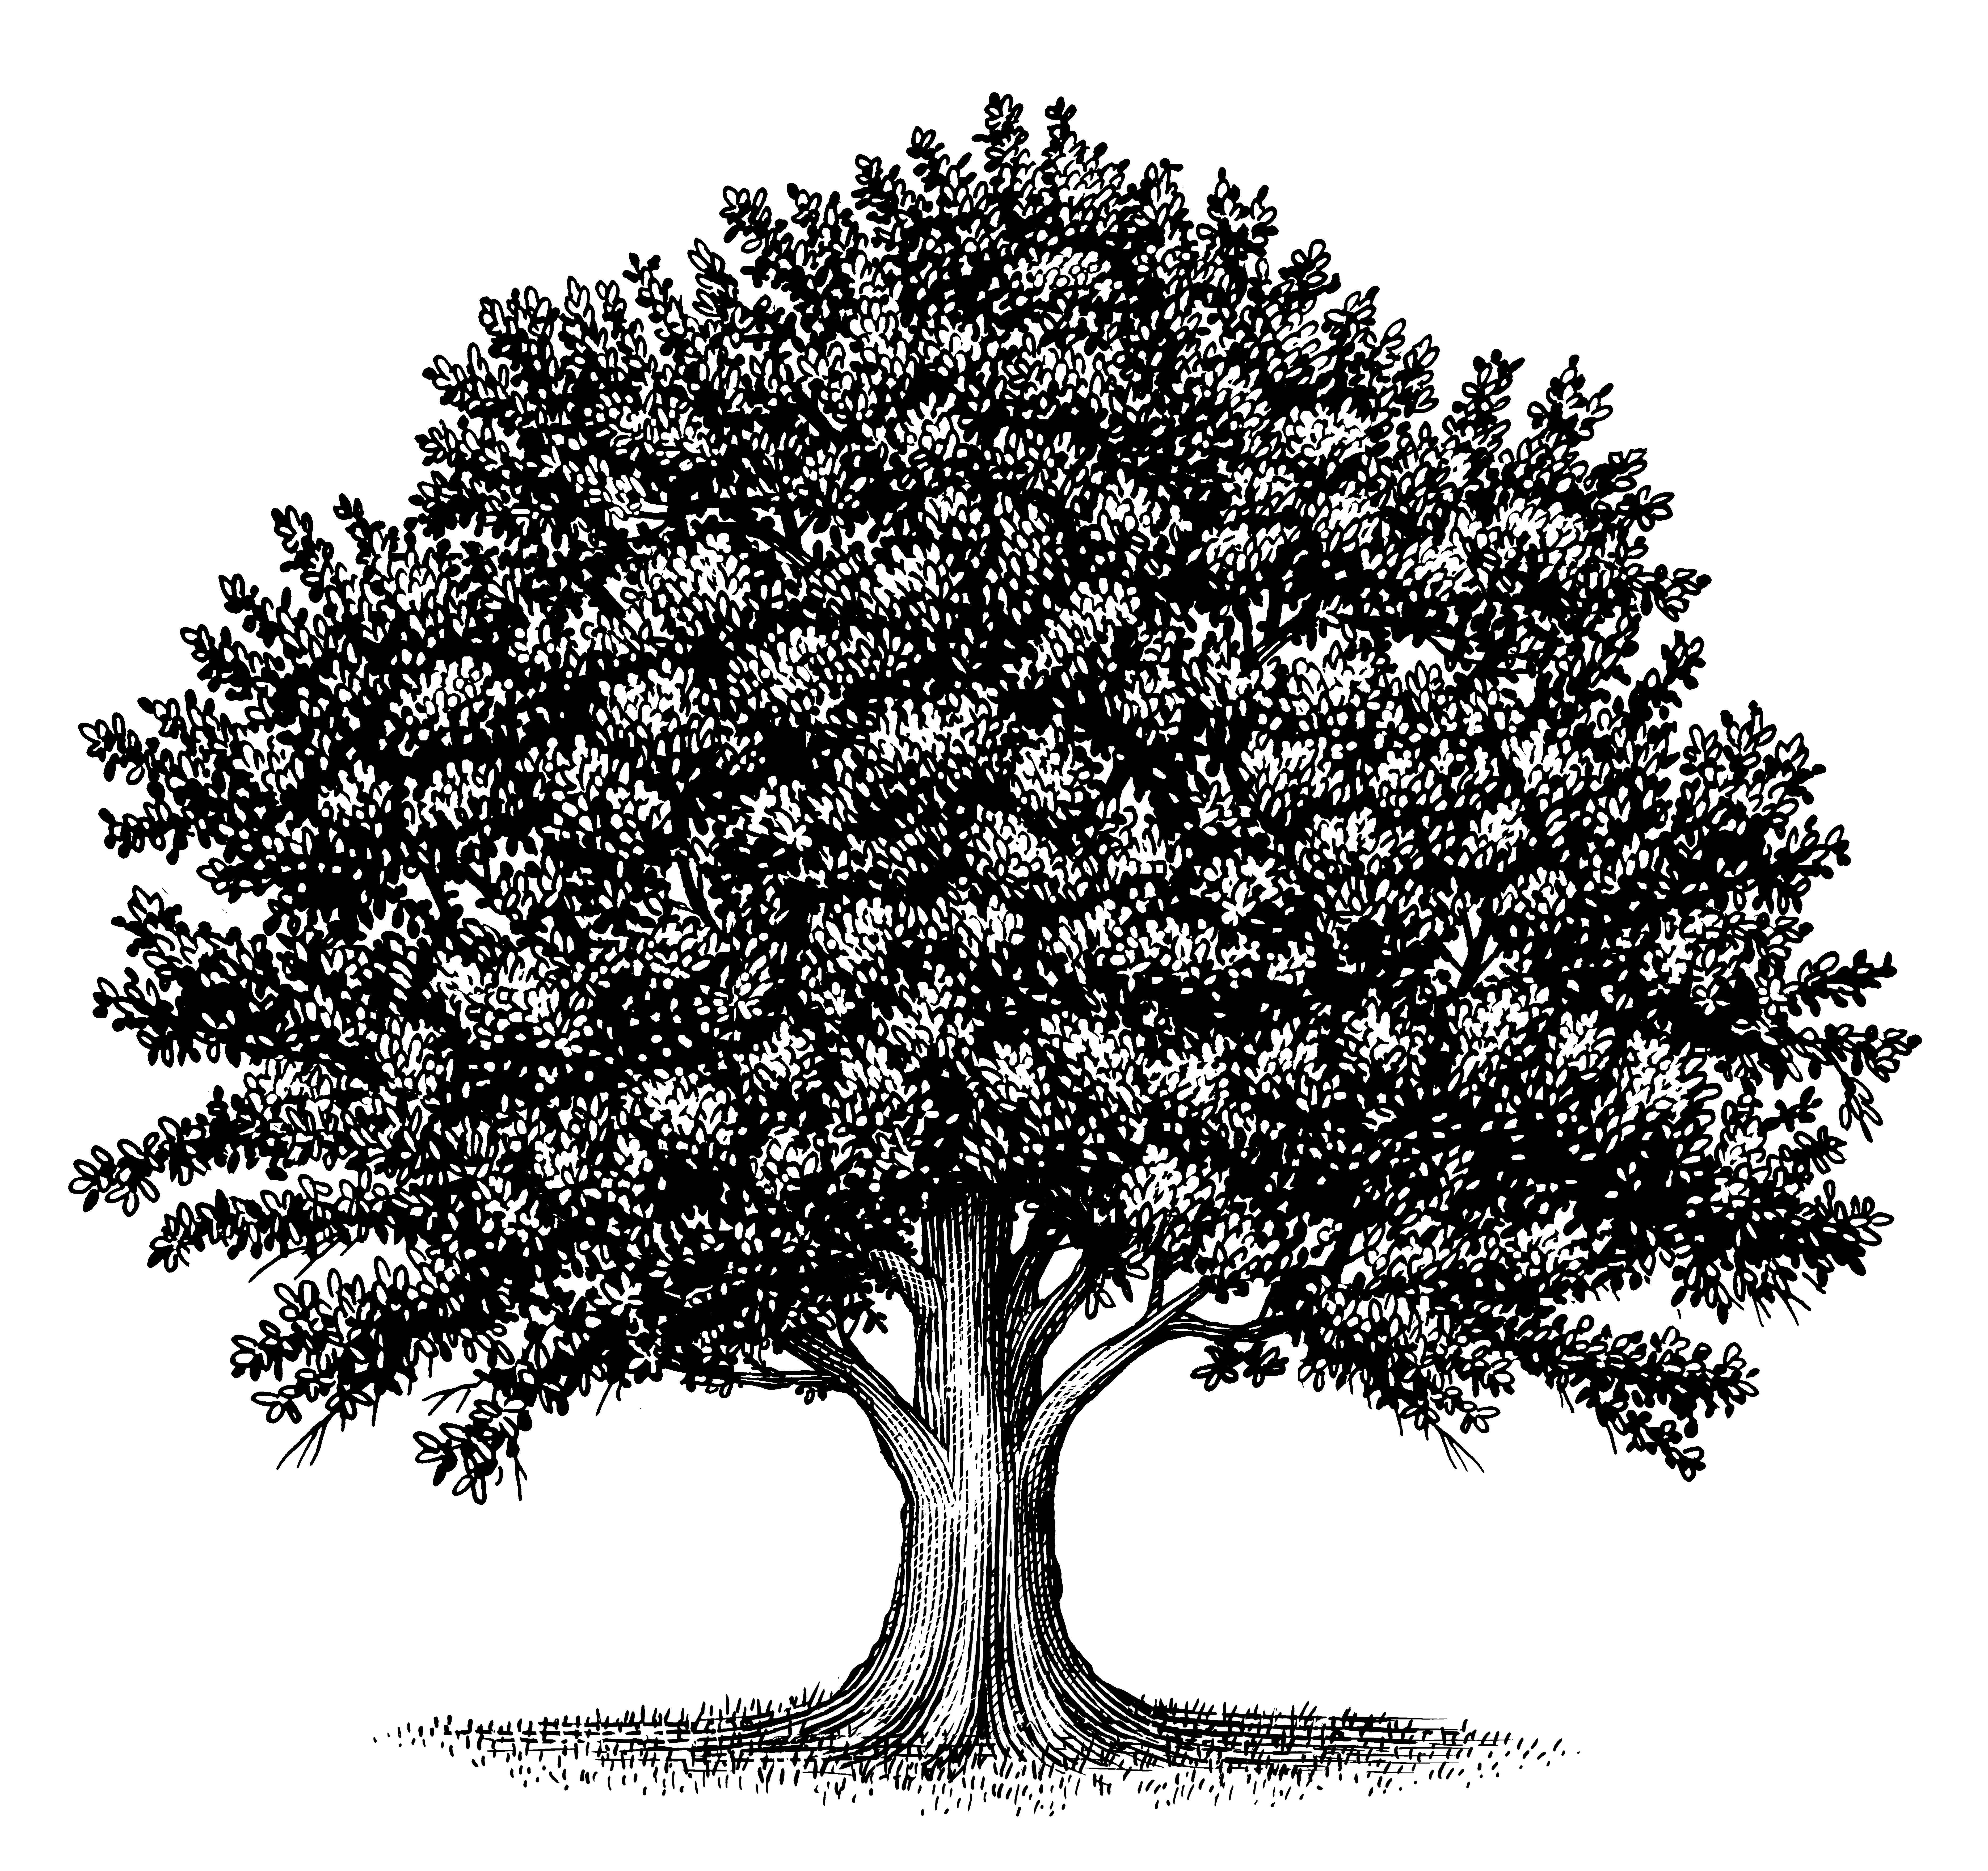 типография старинное дерево рисунок живопись, известная западе